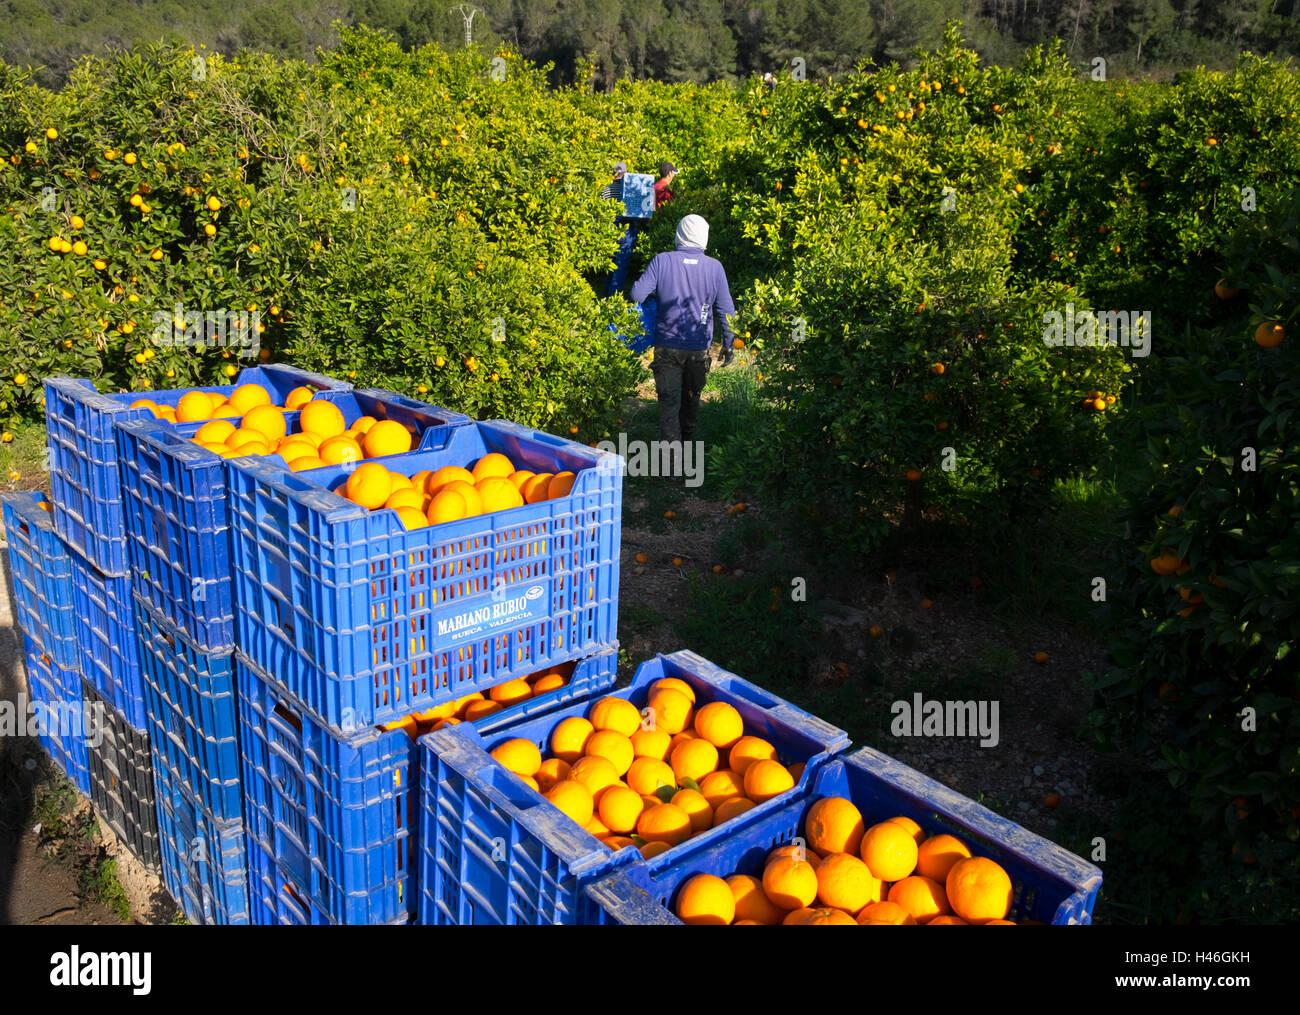 Las naranjas que se cosechan en cajas de plástico por los trabajadores en un huerto de naranjos en español Imagen De Stock